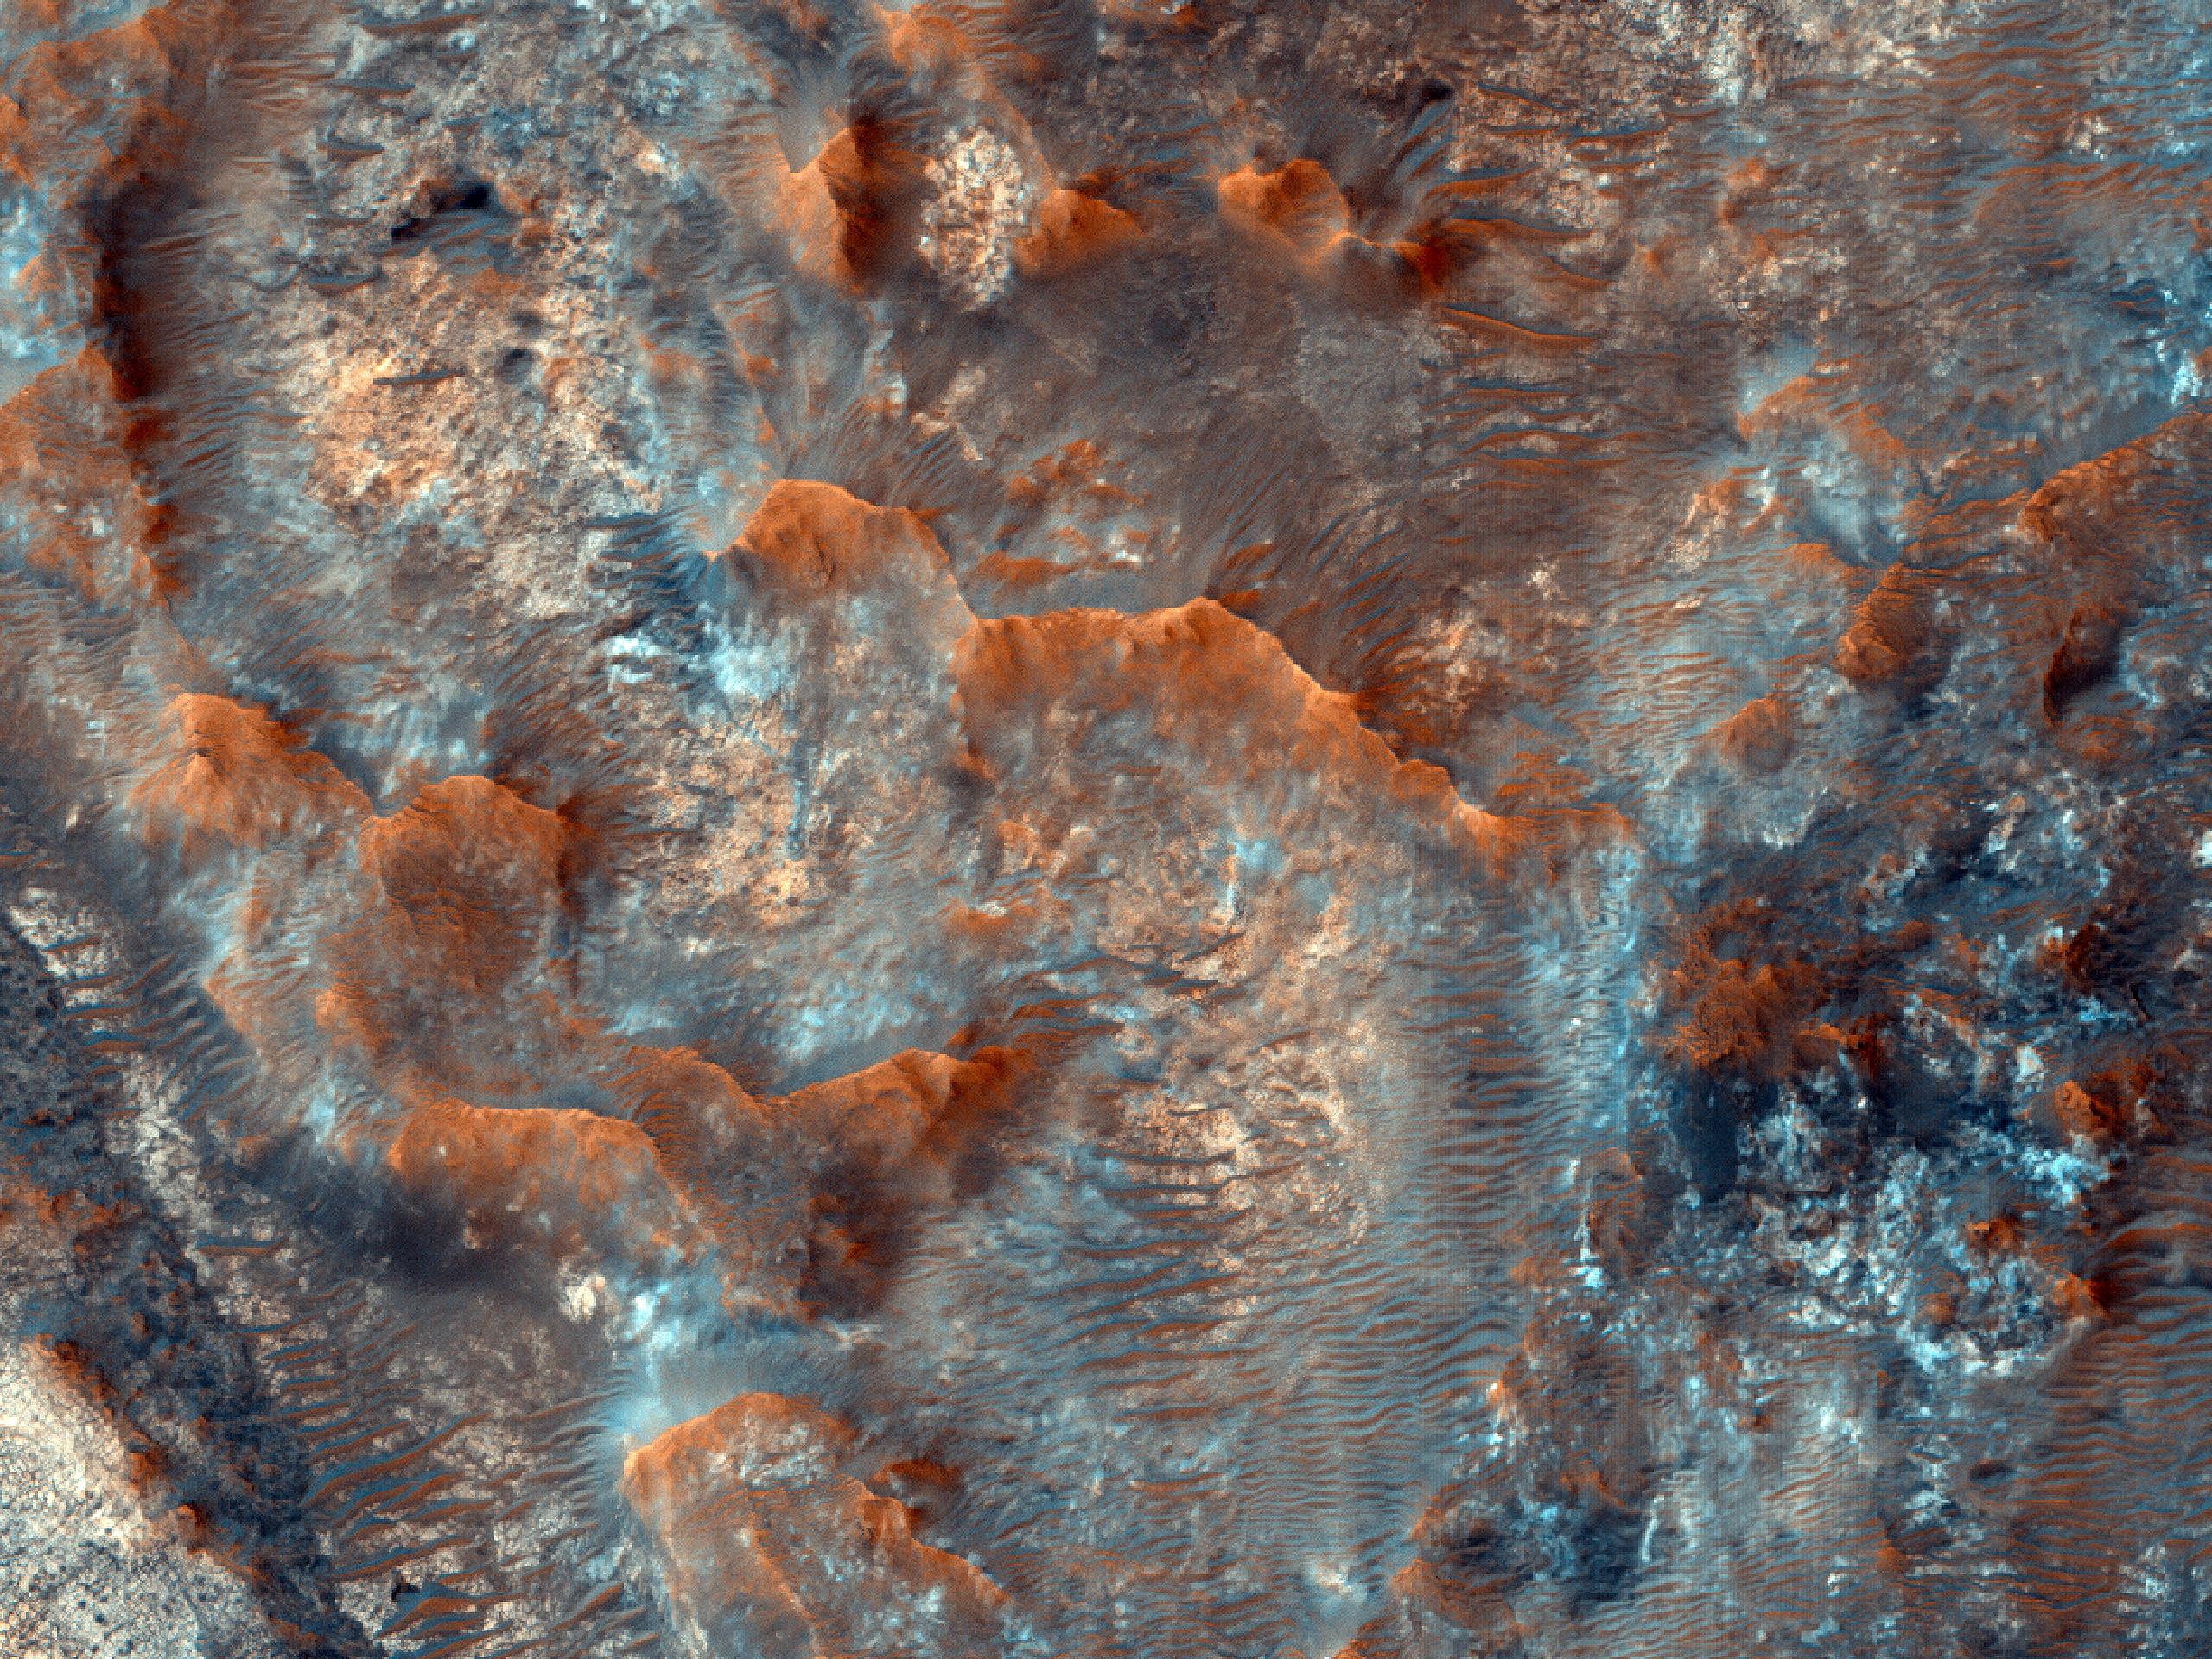 Возможное место посадки миссии ExoMars в долине Mawrth Vallis